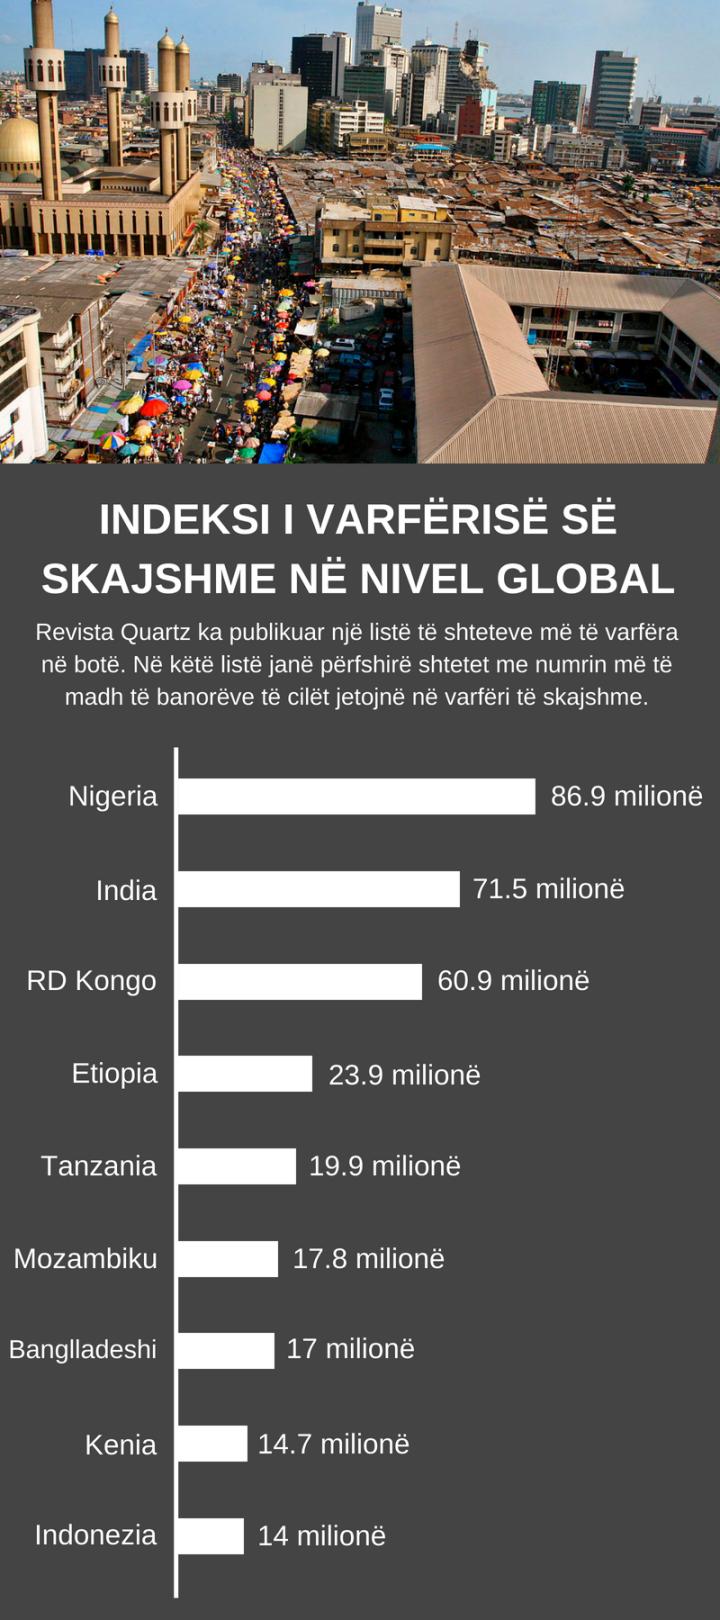 Indeksi i varfërisë së skajshm në nivel global (1).png